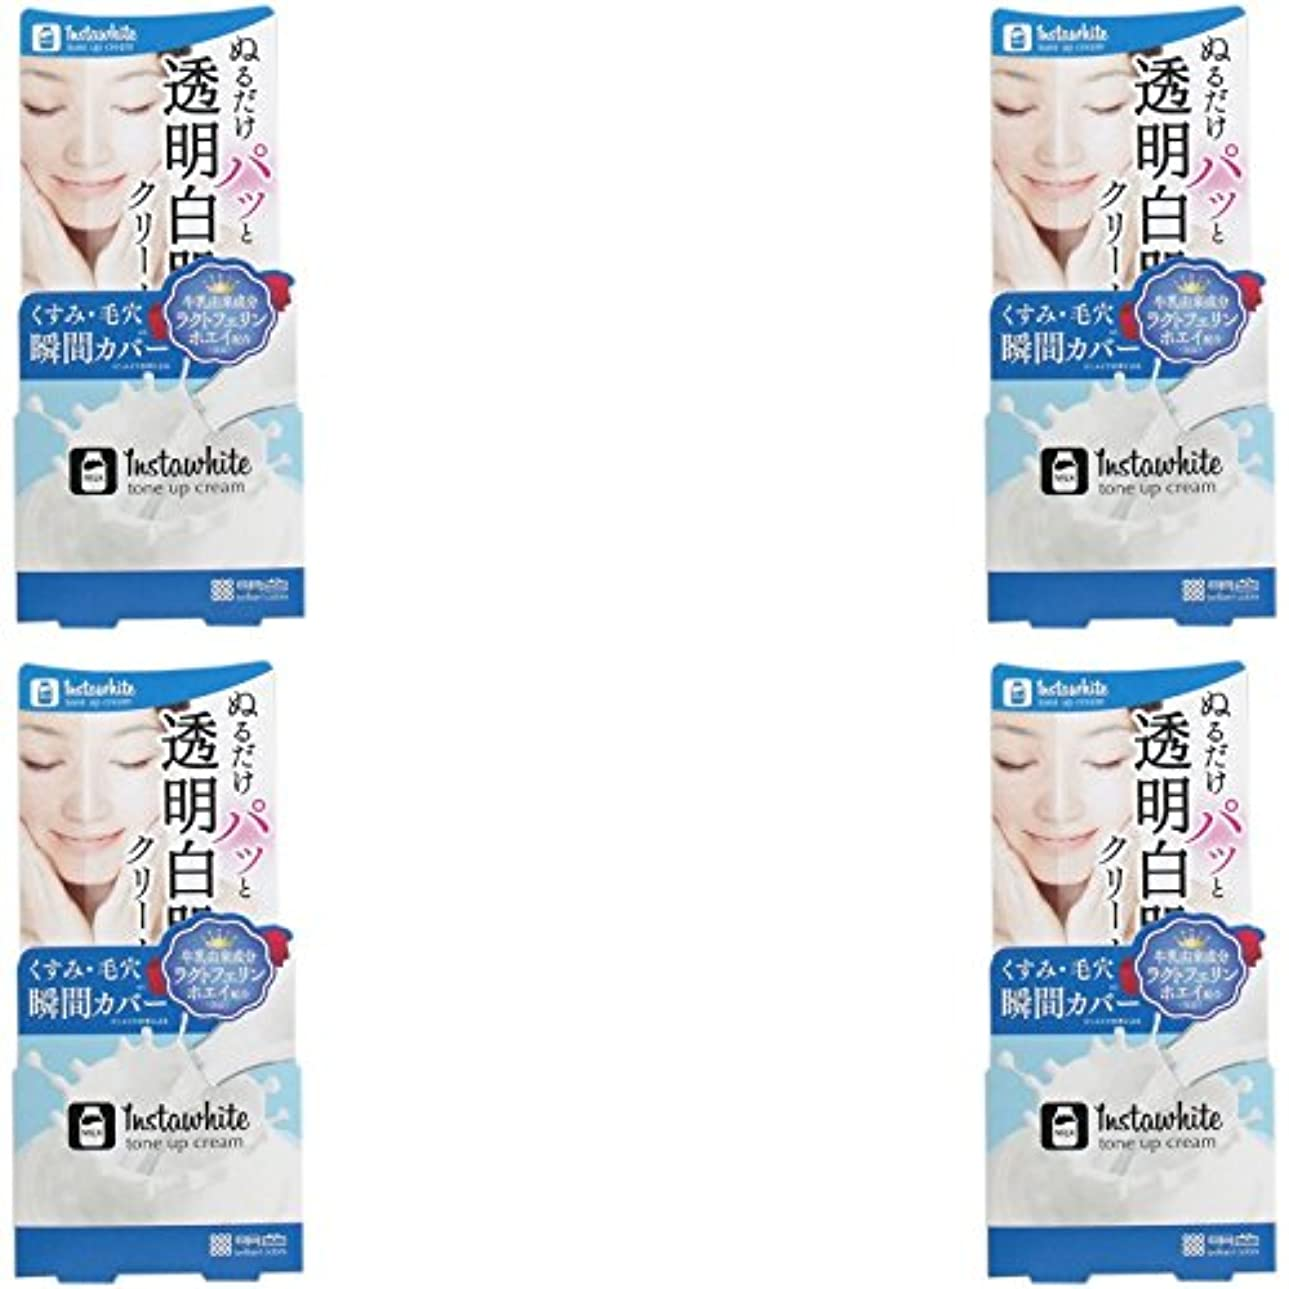 ミシンミル受粉する【まとめ買い】インスタホワイト トーンアップクリーム 50g【×4個】